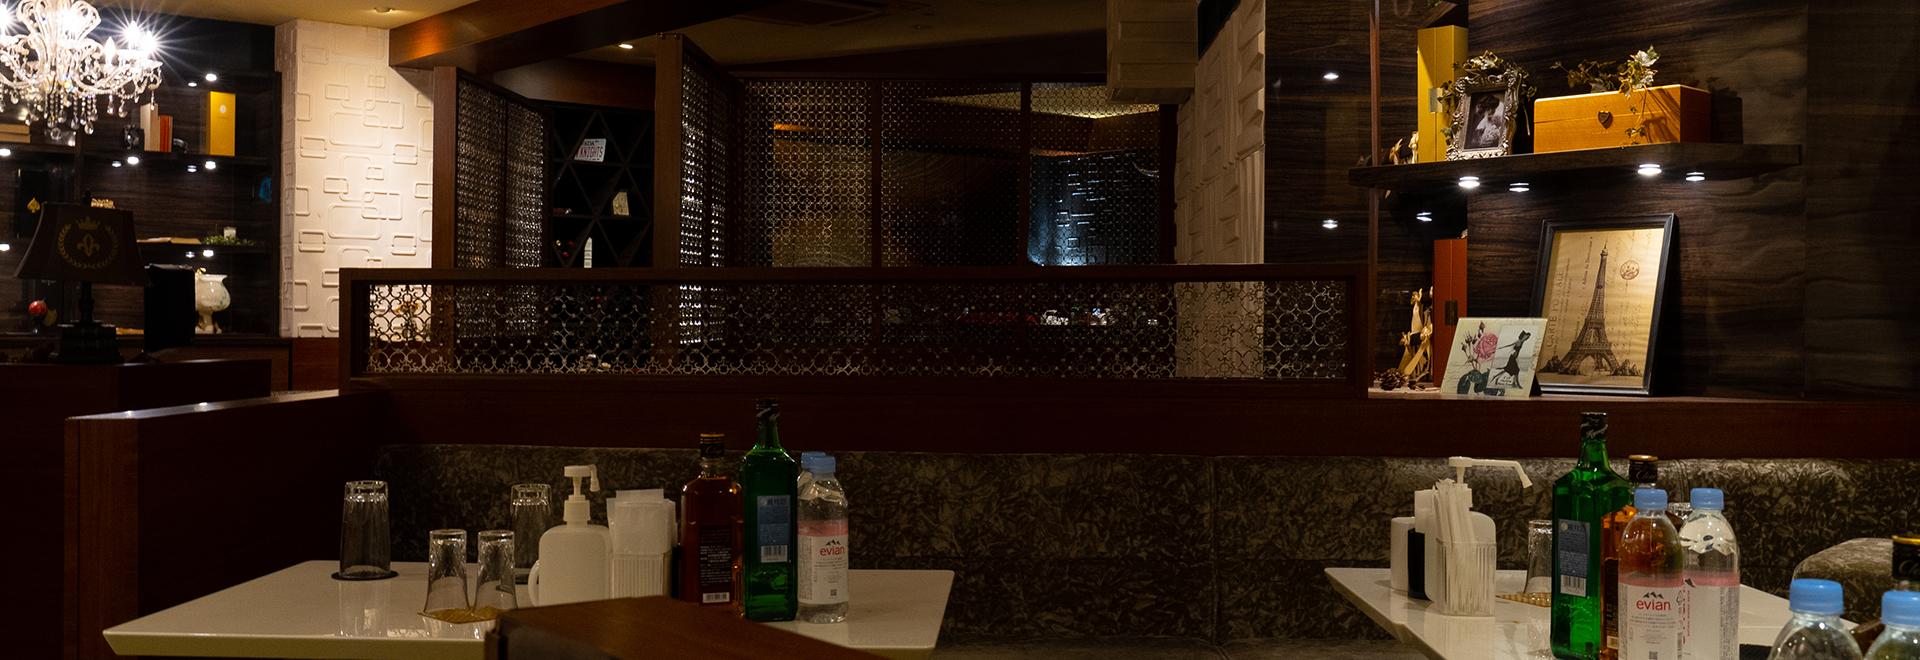 市川高級キャバクラ excellentclub Roreキャスト一覧